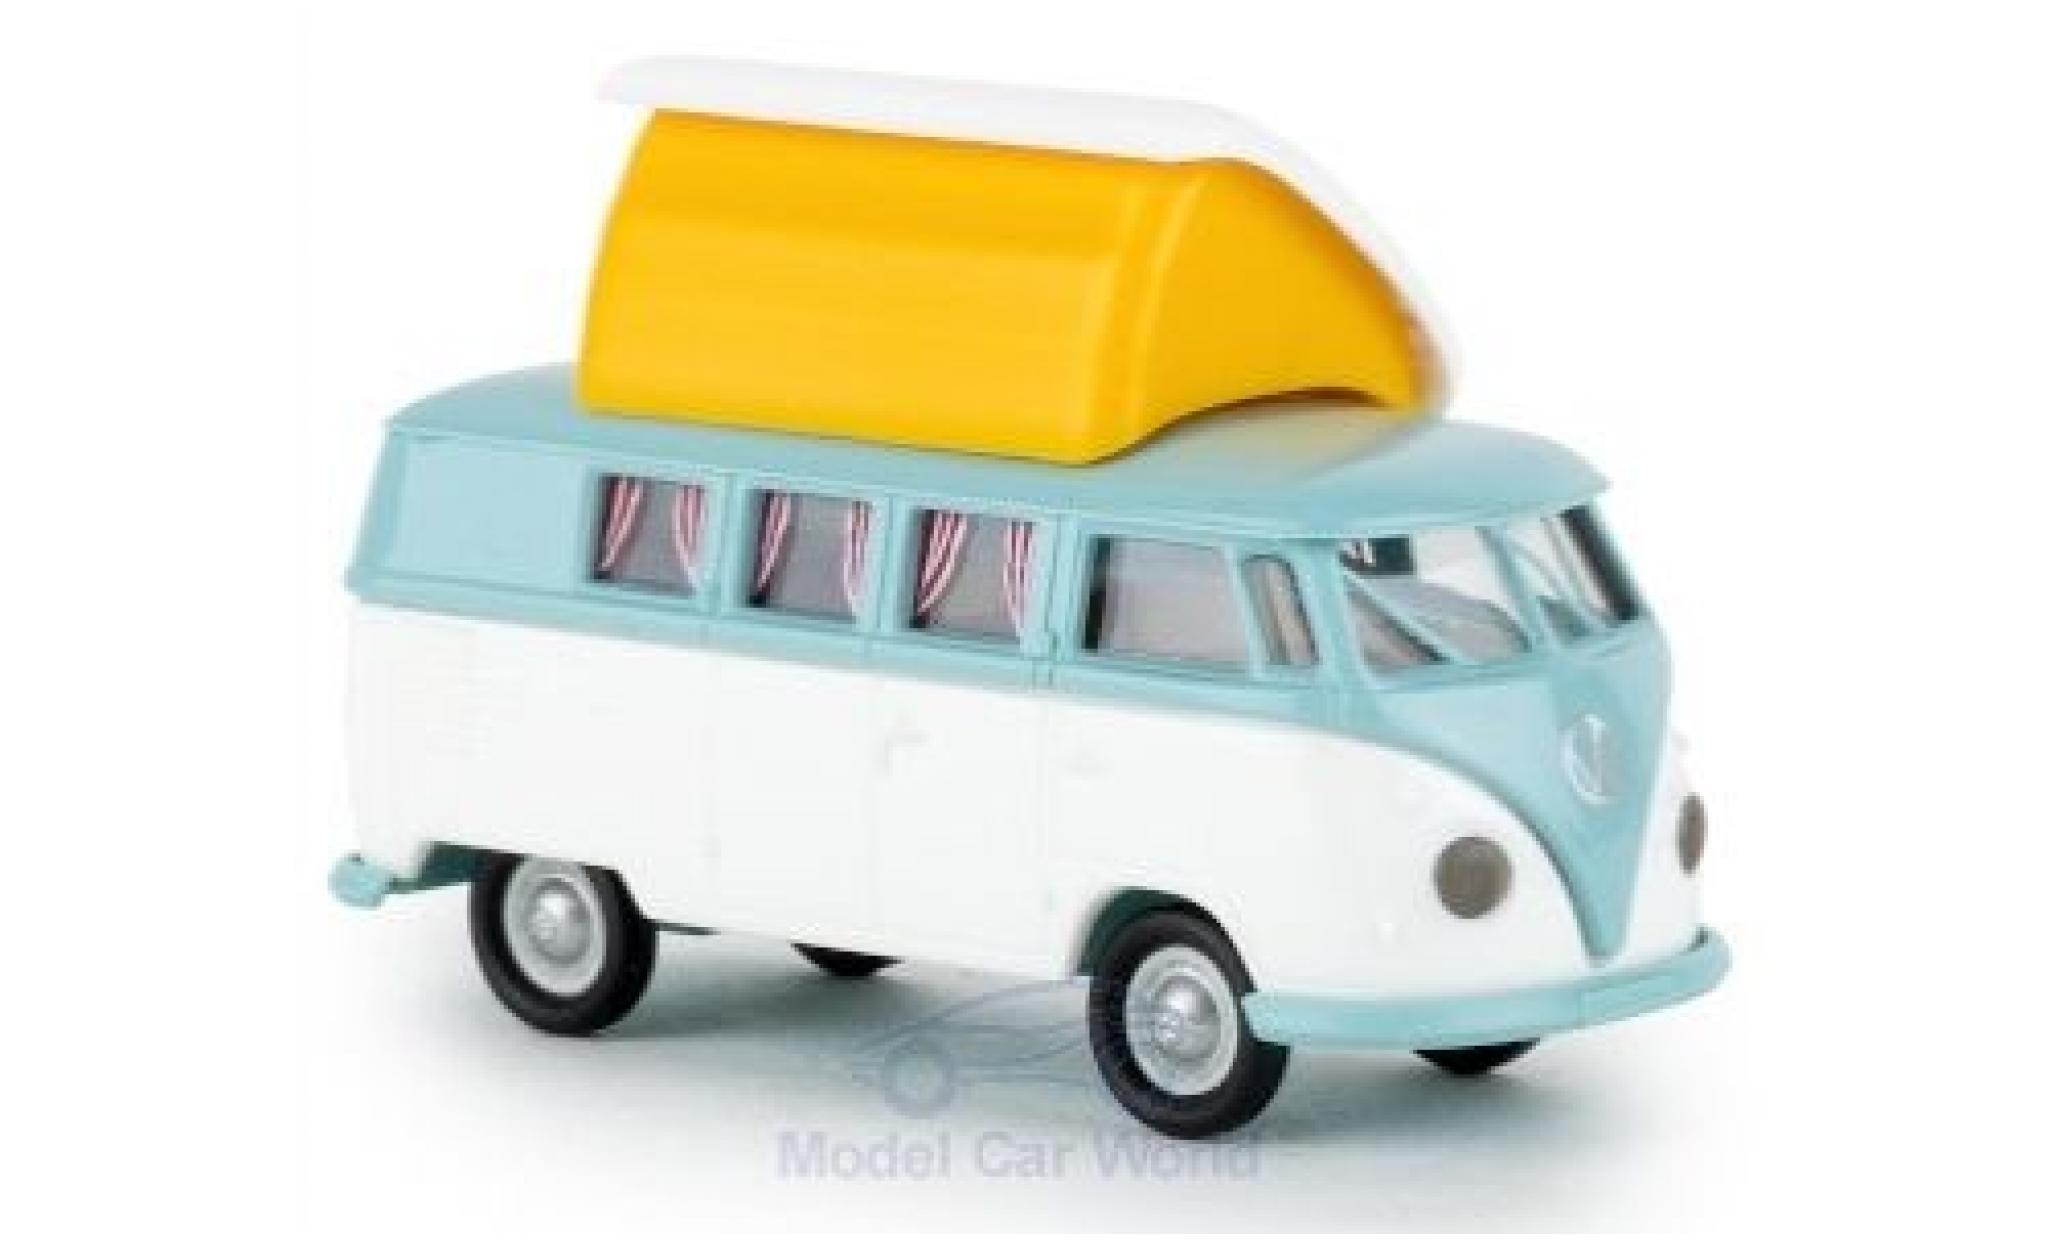 Volkswagen T1 1/87 Brekina b Camper turquoise/white mit Dormobildach offen